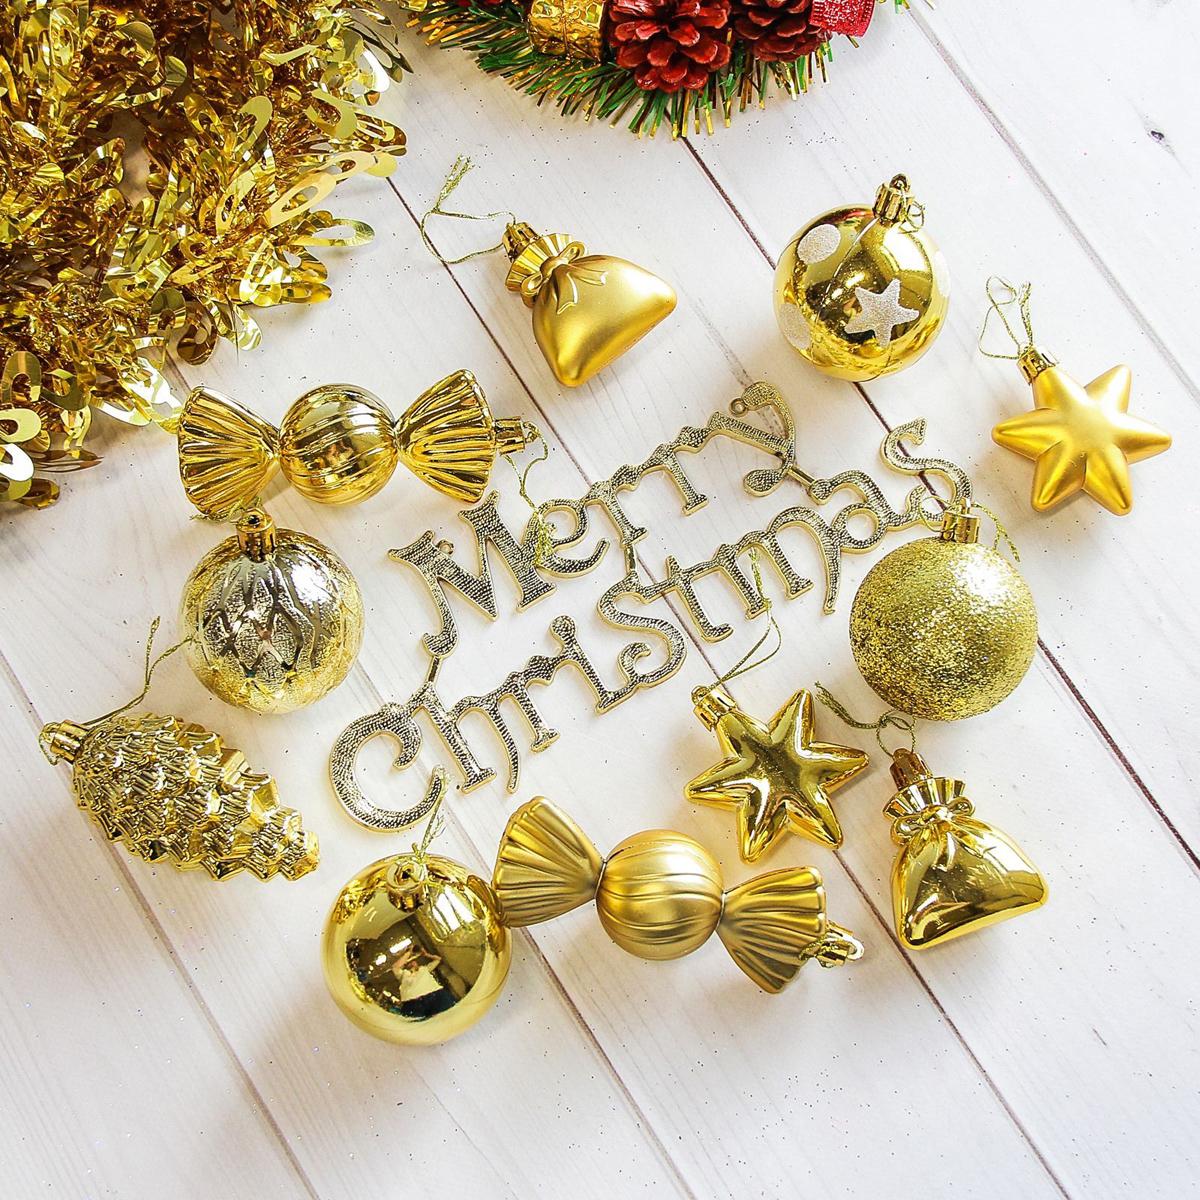 Набор новогодних подвесных украшений Sima-land Модэсто, цвет: золотистый, 35 шт2178269Набор новогодних подвесных украшений Sima-land отлично подойдет для декорации вашего дома и новогодней ели. С помощью специальной петельки украшение можно повесить в любом понравившемся вам месте. Но, конечно, удачнее всего оно будет смотреться на праздничной елке. Елочная игрушка - символ Нового года. Она несет в себе волшебство и красоту праздника. Создайте в своем доме атмосферу веселья и радости, украшая новогоднюю елку нарядными игрушками, которые будут из года в год накапливать теплоту воспоминаний.